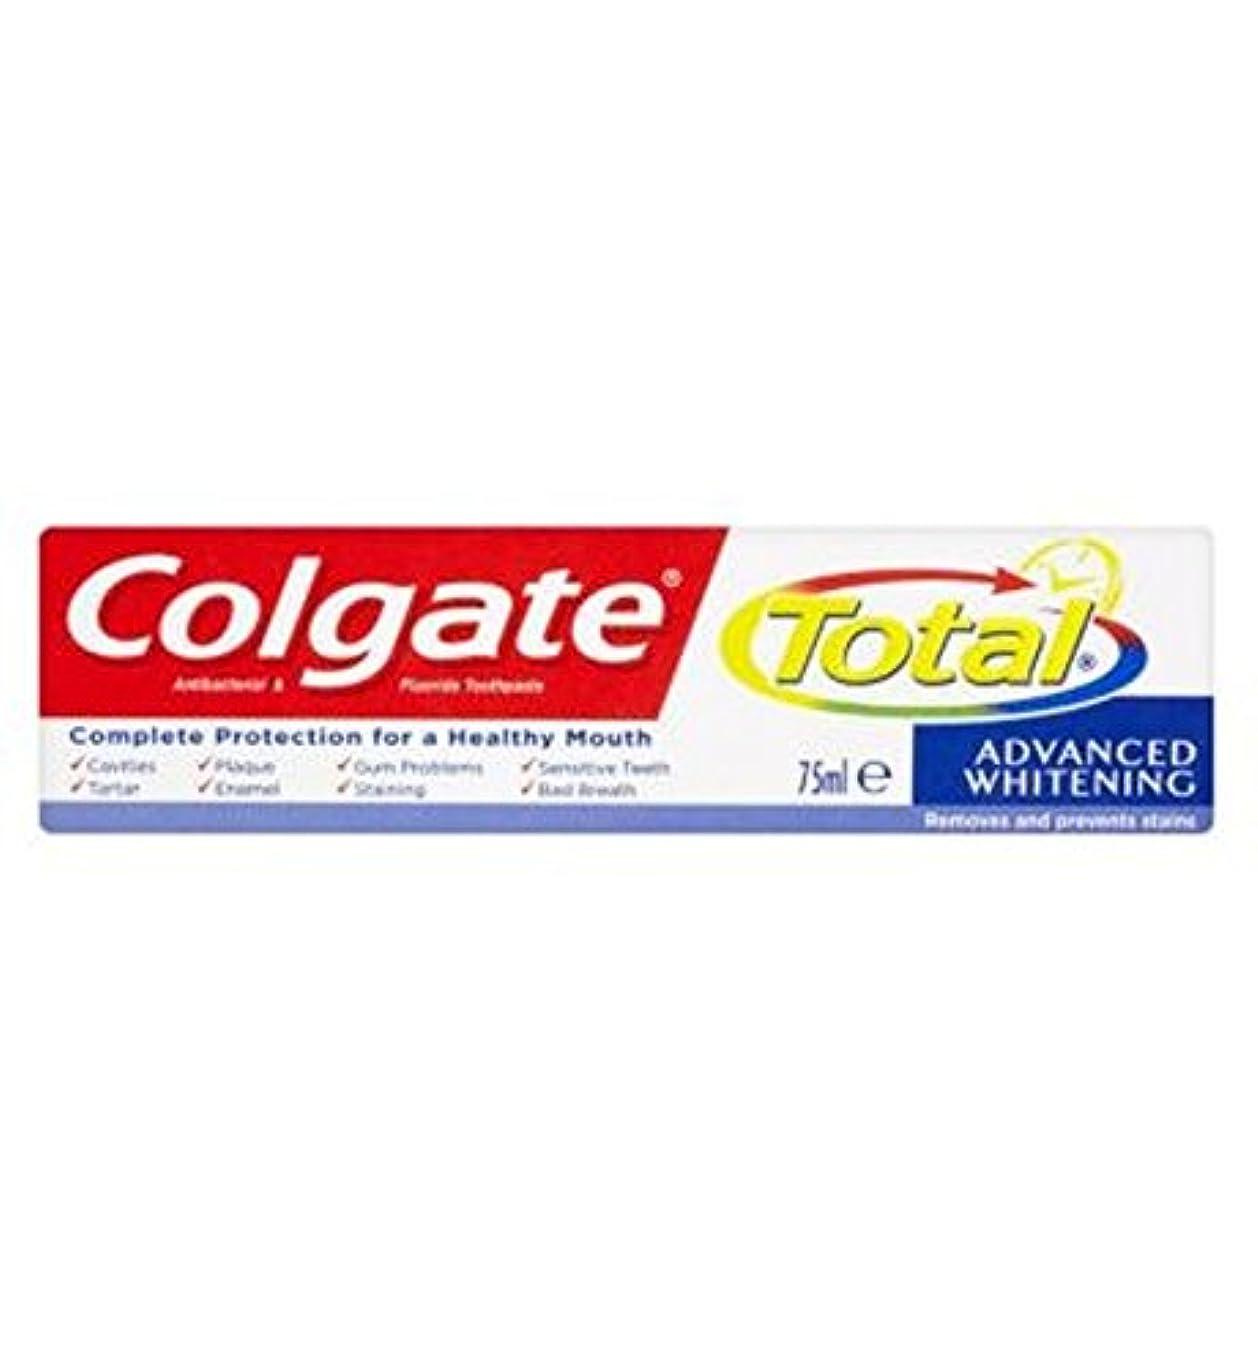 収容する素子見るColgate Total Advanced Whitening toothpaste 75ml - コルゲートトータル高度なホワイトニング歯磨き粉75ミリリットル (Colgate) [並行輸入品]